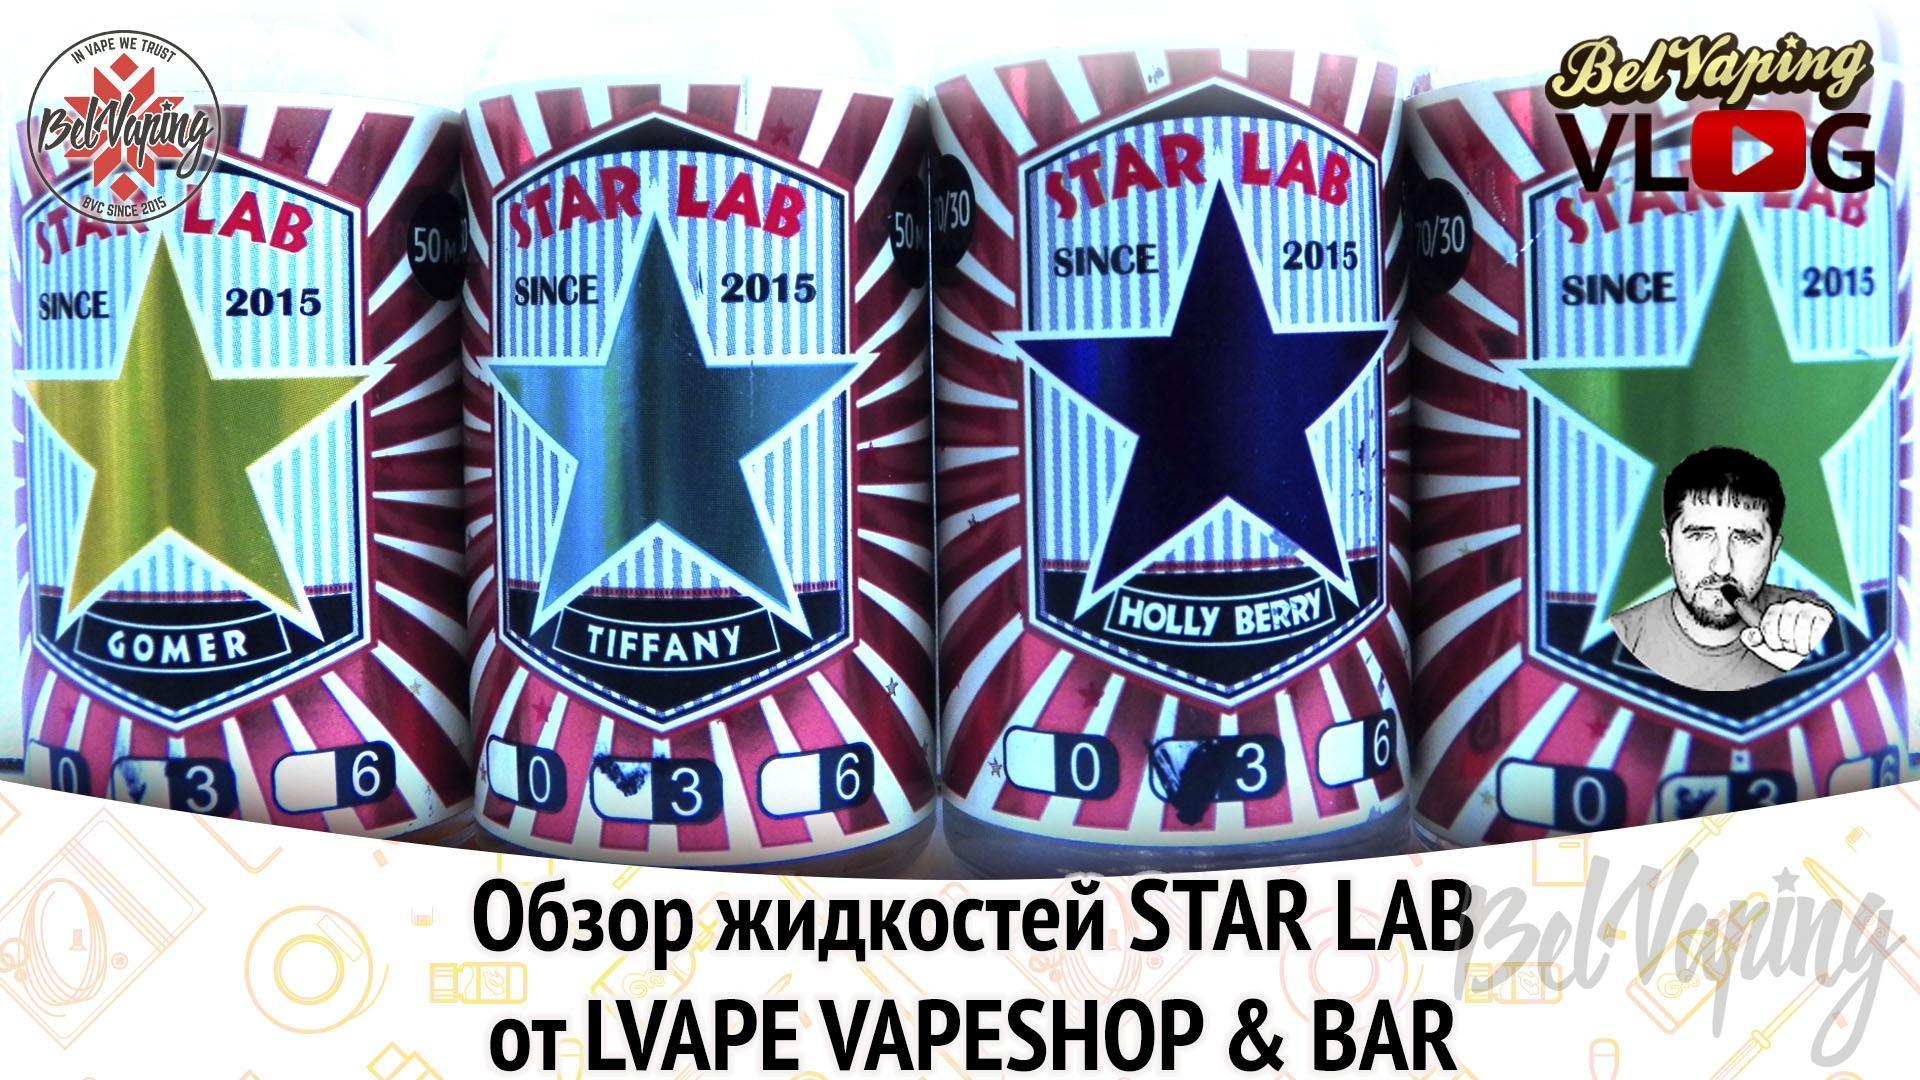 Жидкость Star Lab от LVAPE